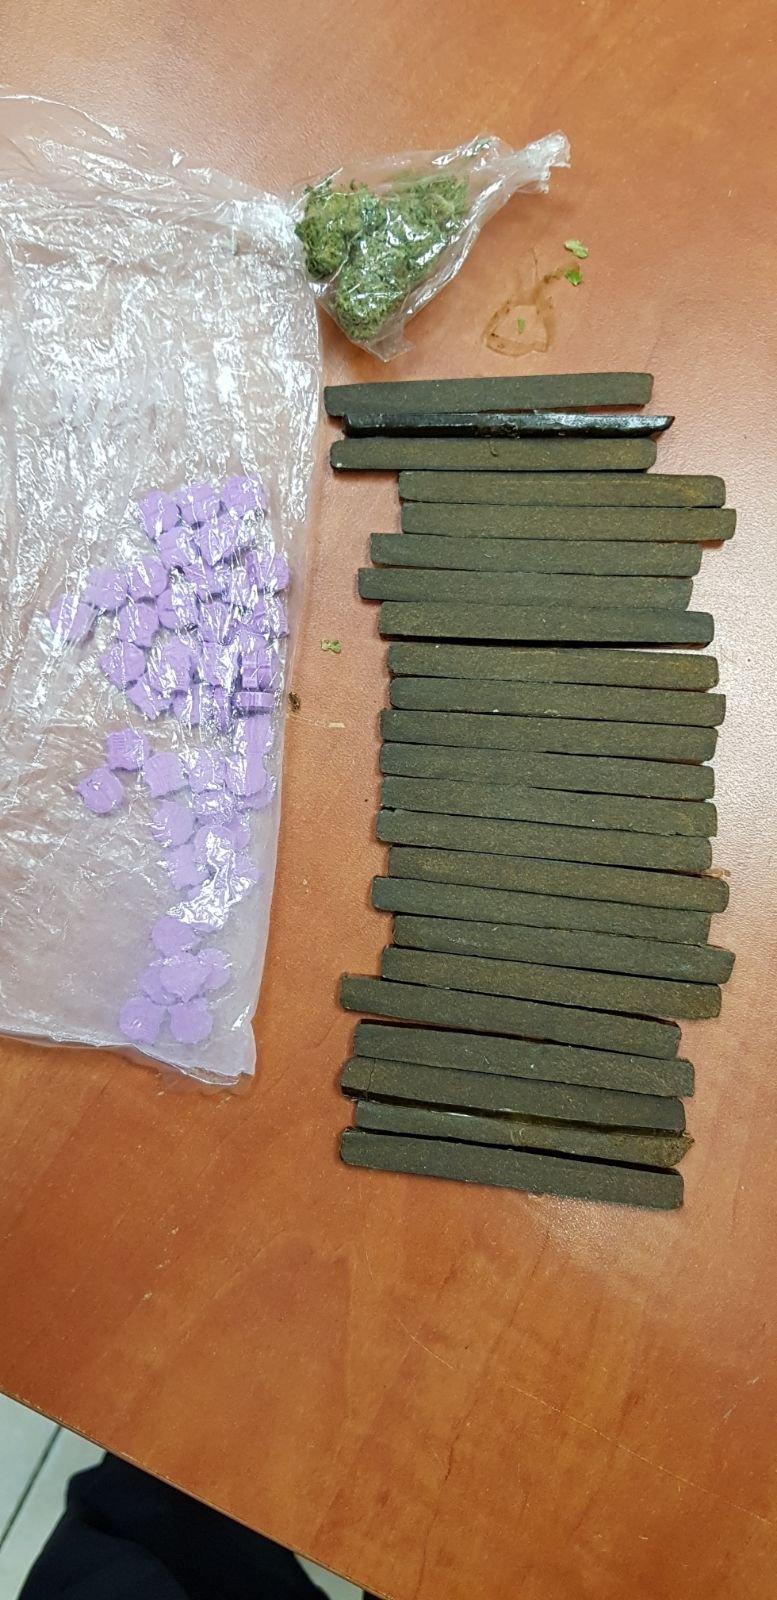 توقيف 3 متهمين من سكان دير الأسد بتهمة تجارة المخدرات منهم قاصر